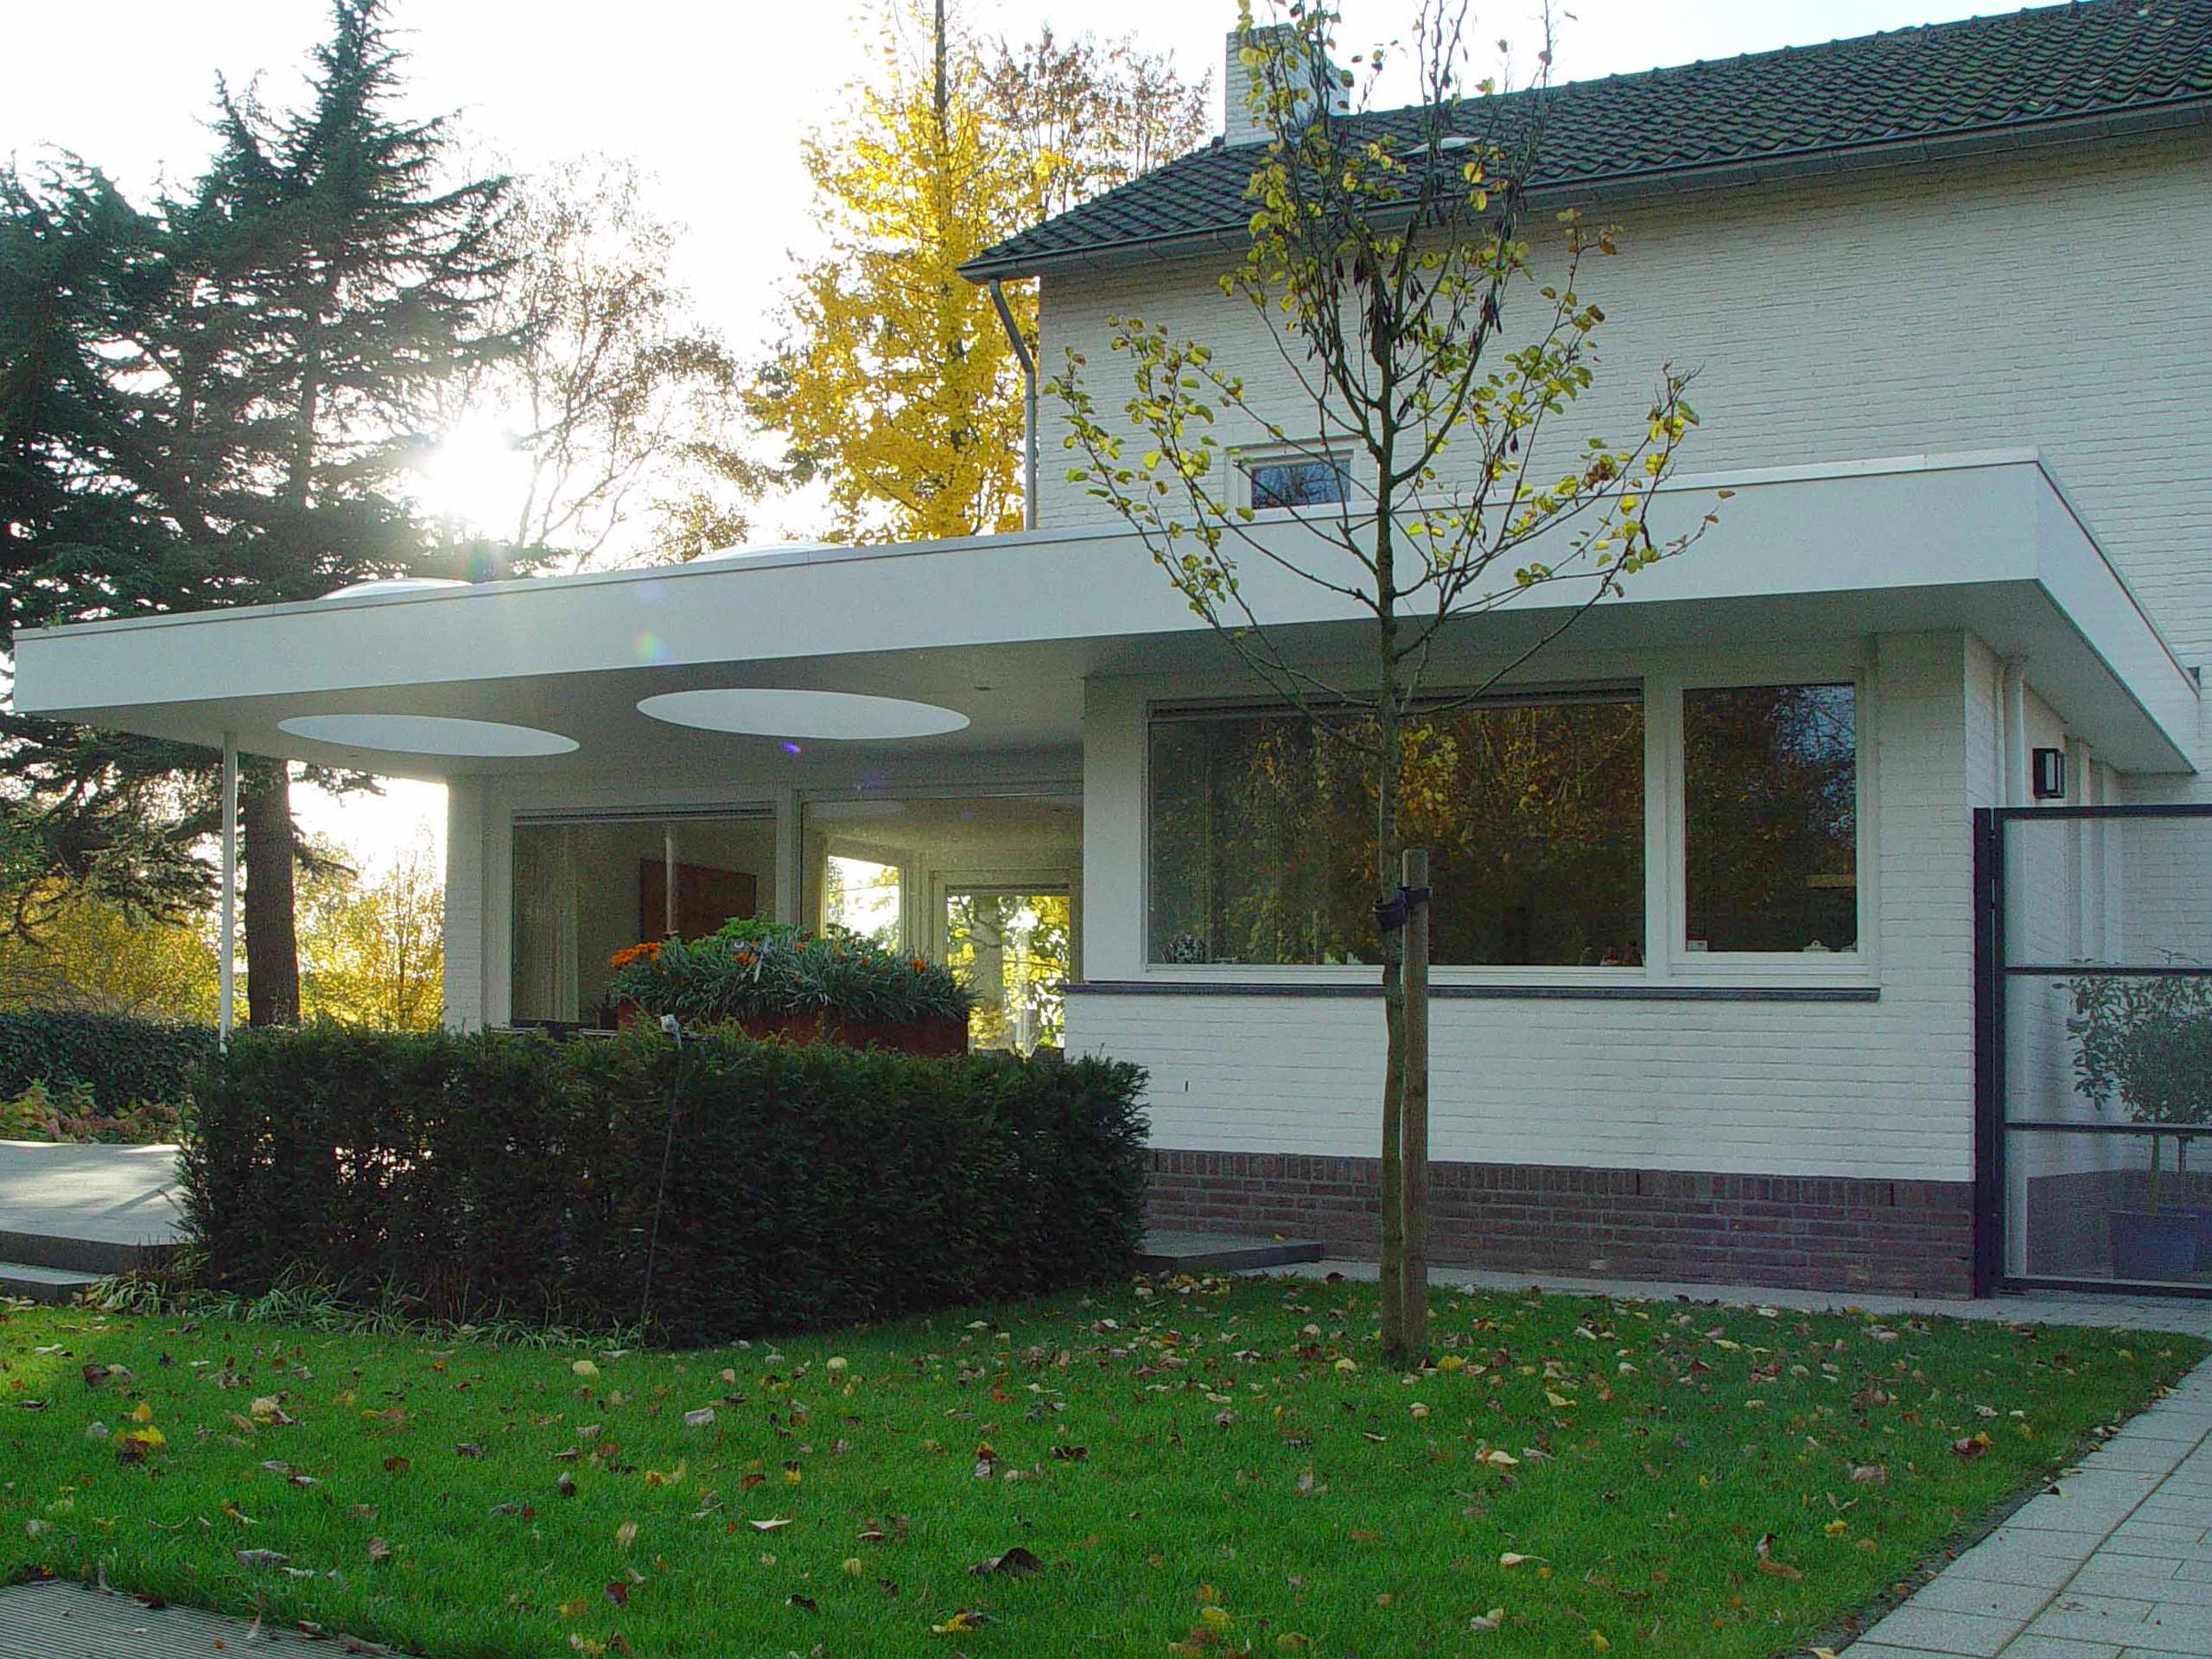 Verbouwing vrijstaand woonhuis, Bunde